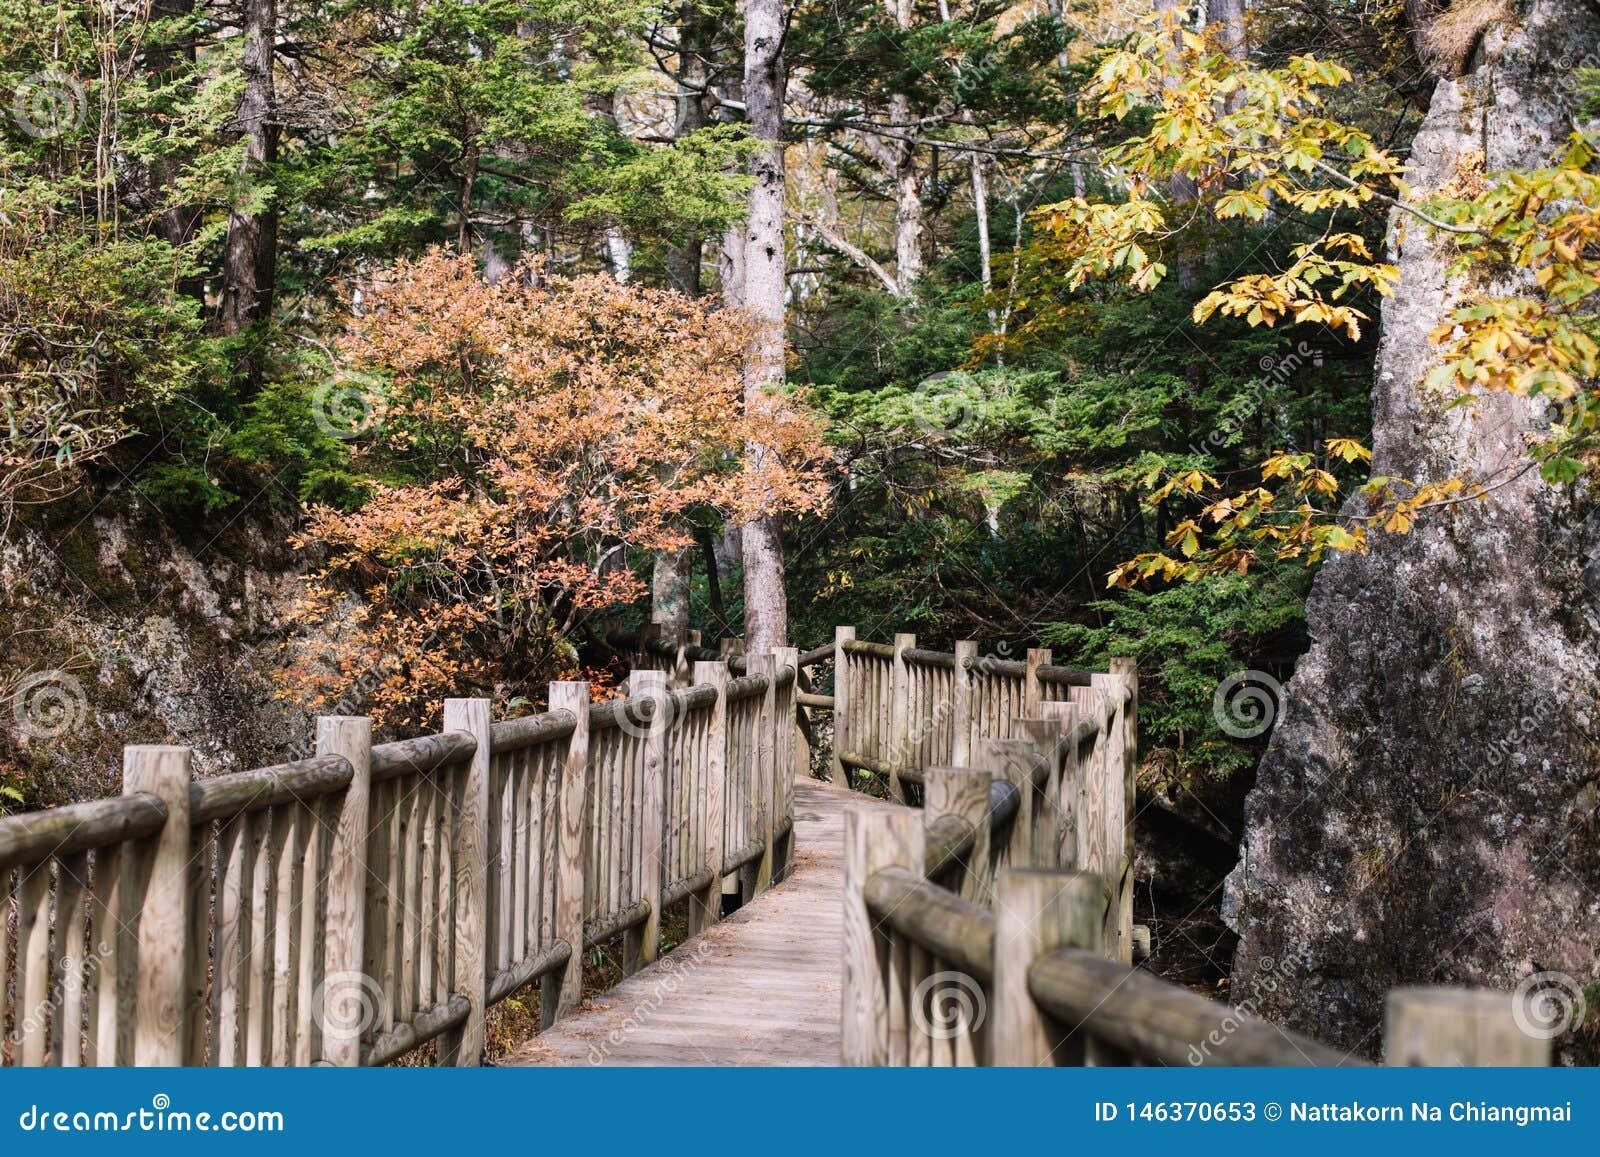 Fugas de natureza de Kamikochi com a ?rvore em mais forrest durante a esta??o do outono pelo walkpath de madeira